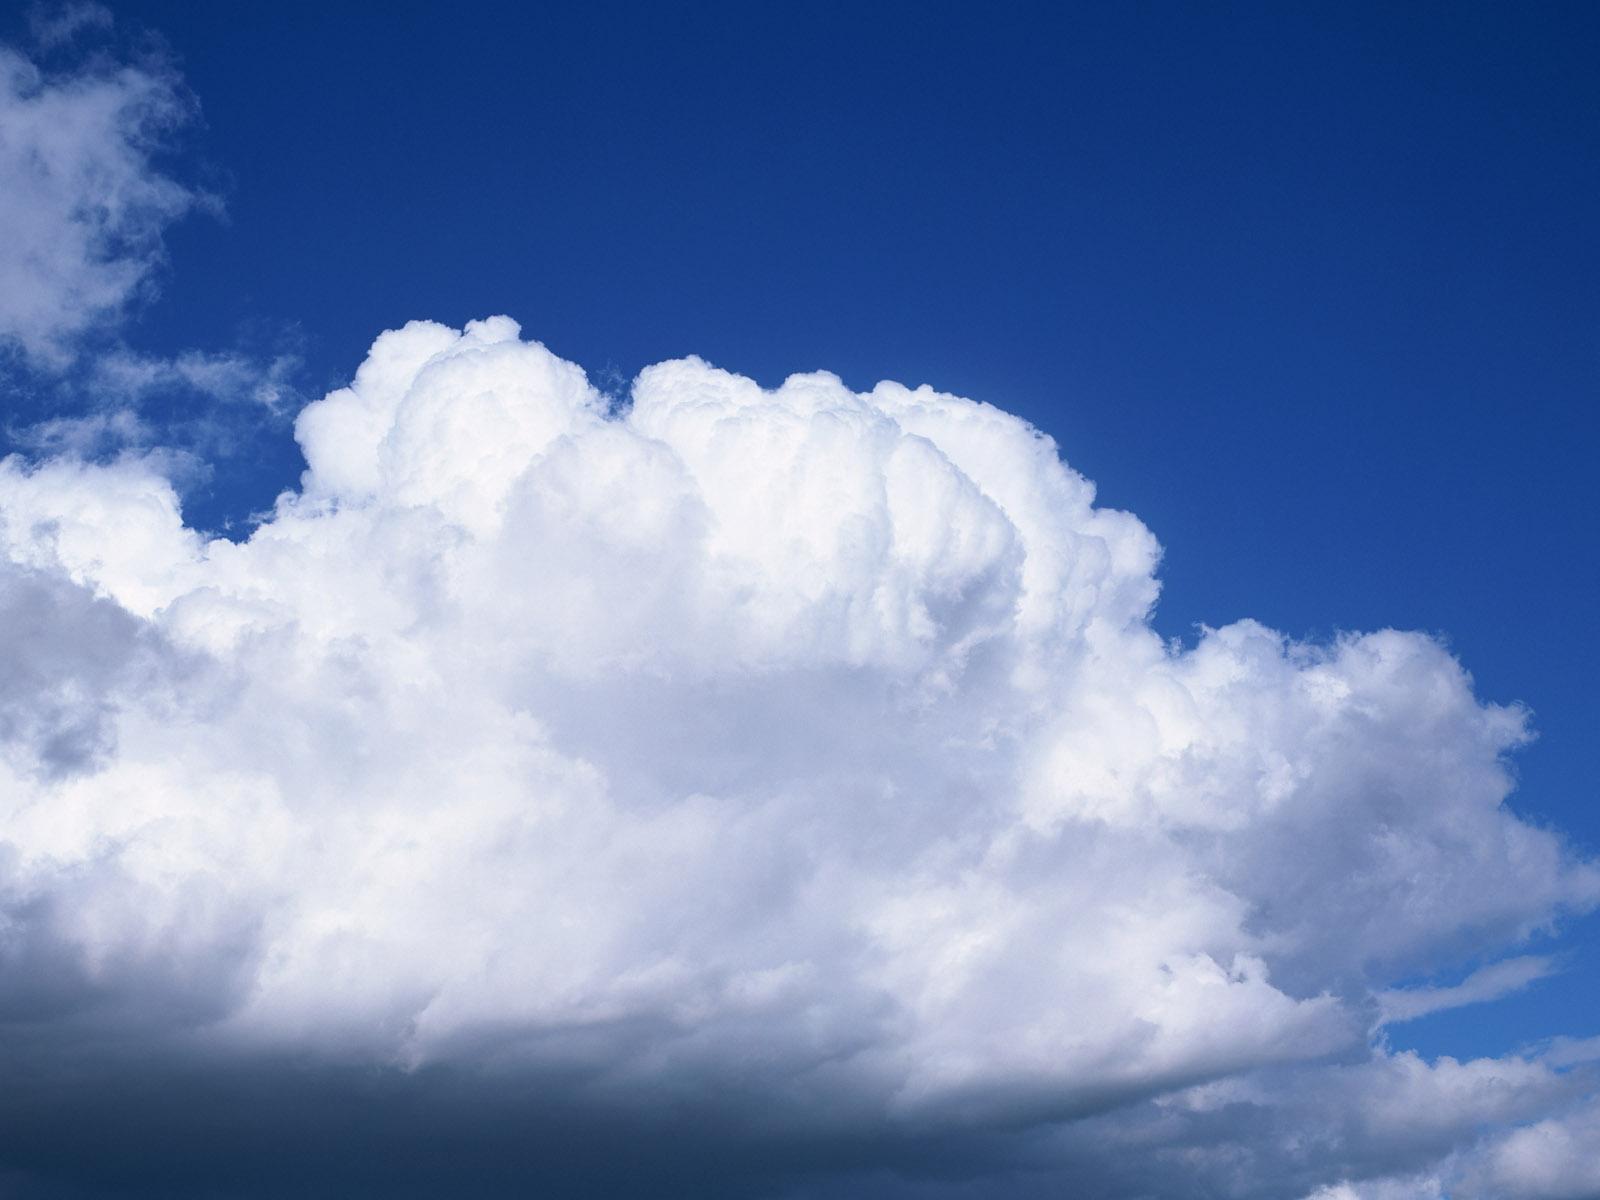 建筑与室内设计师--[区版:zyok888] 素材贴图专区 → 蓝天白云